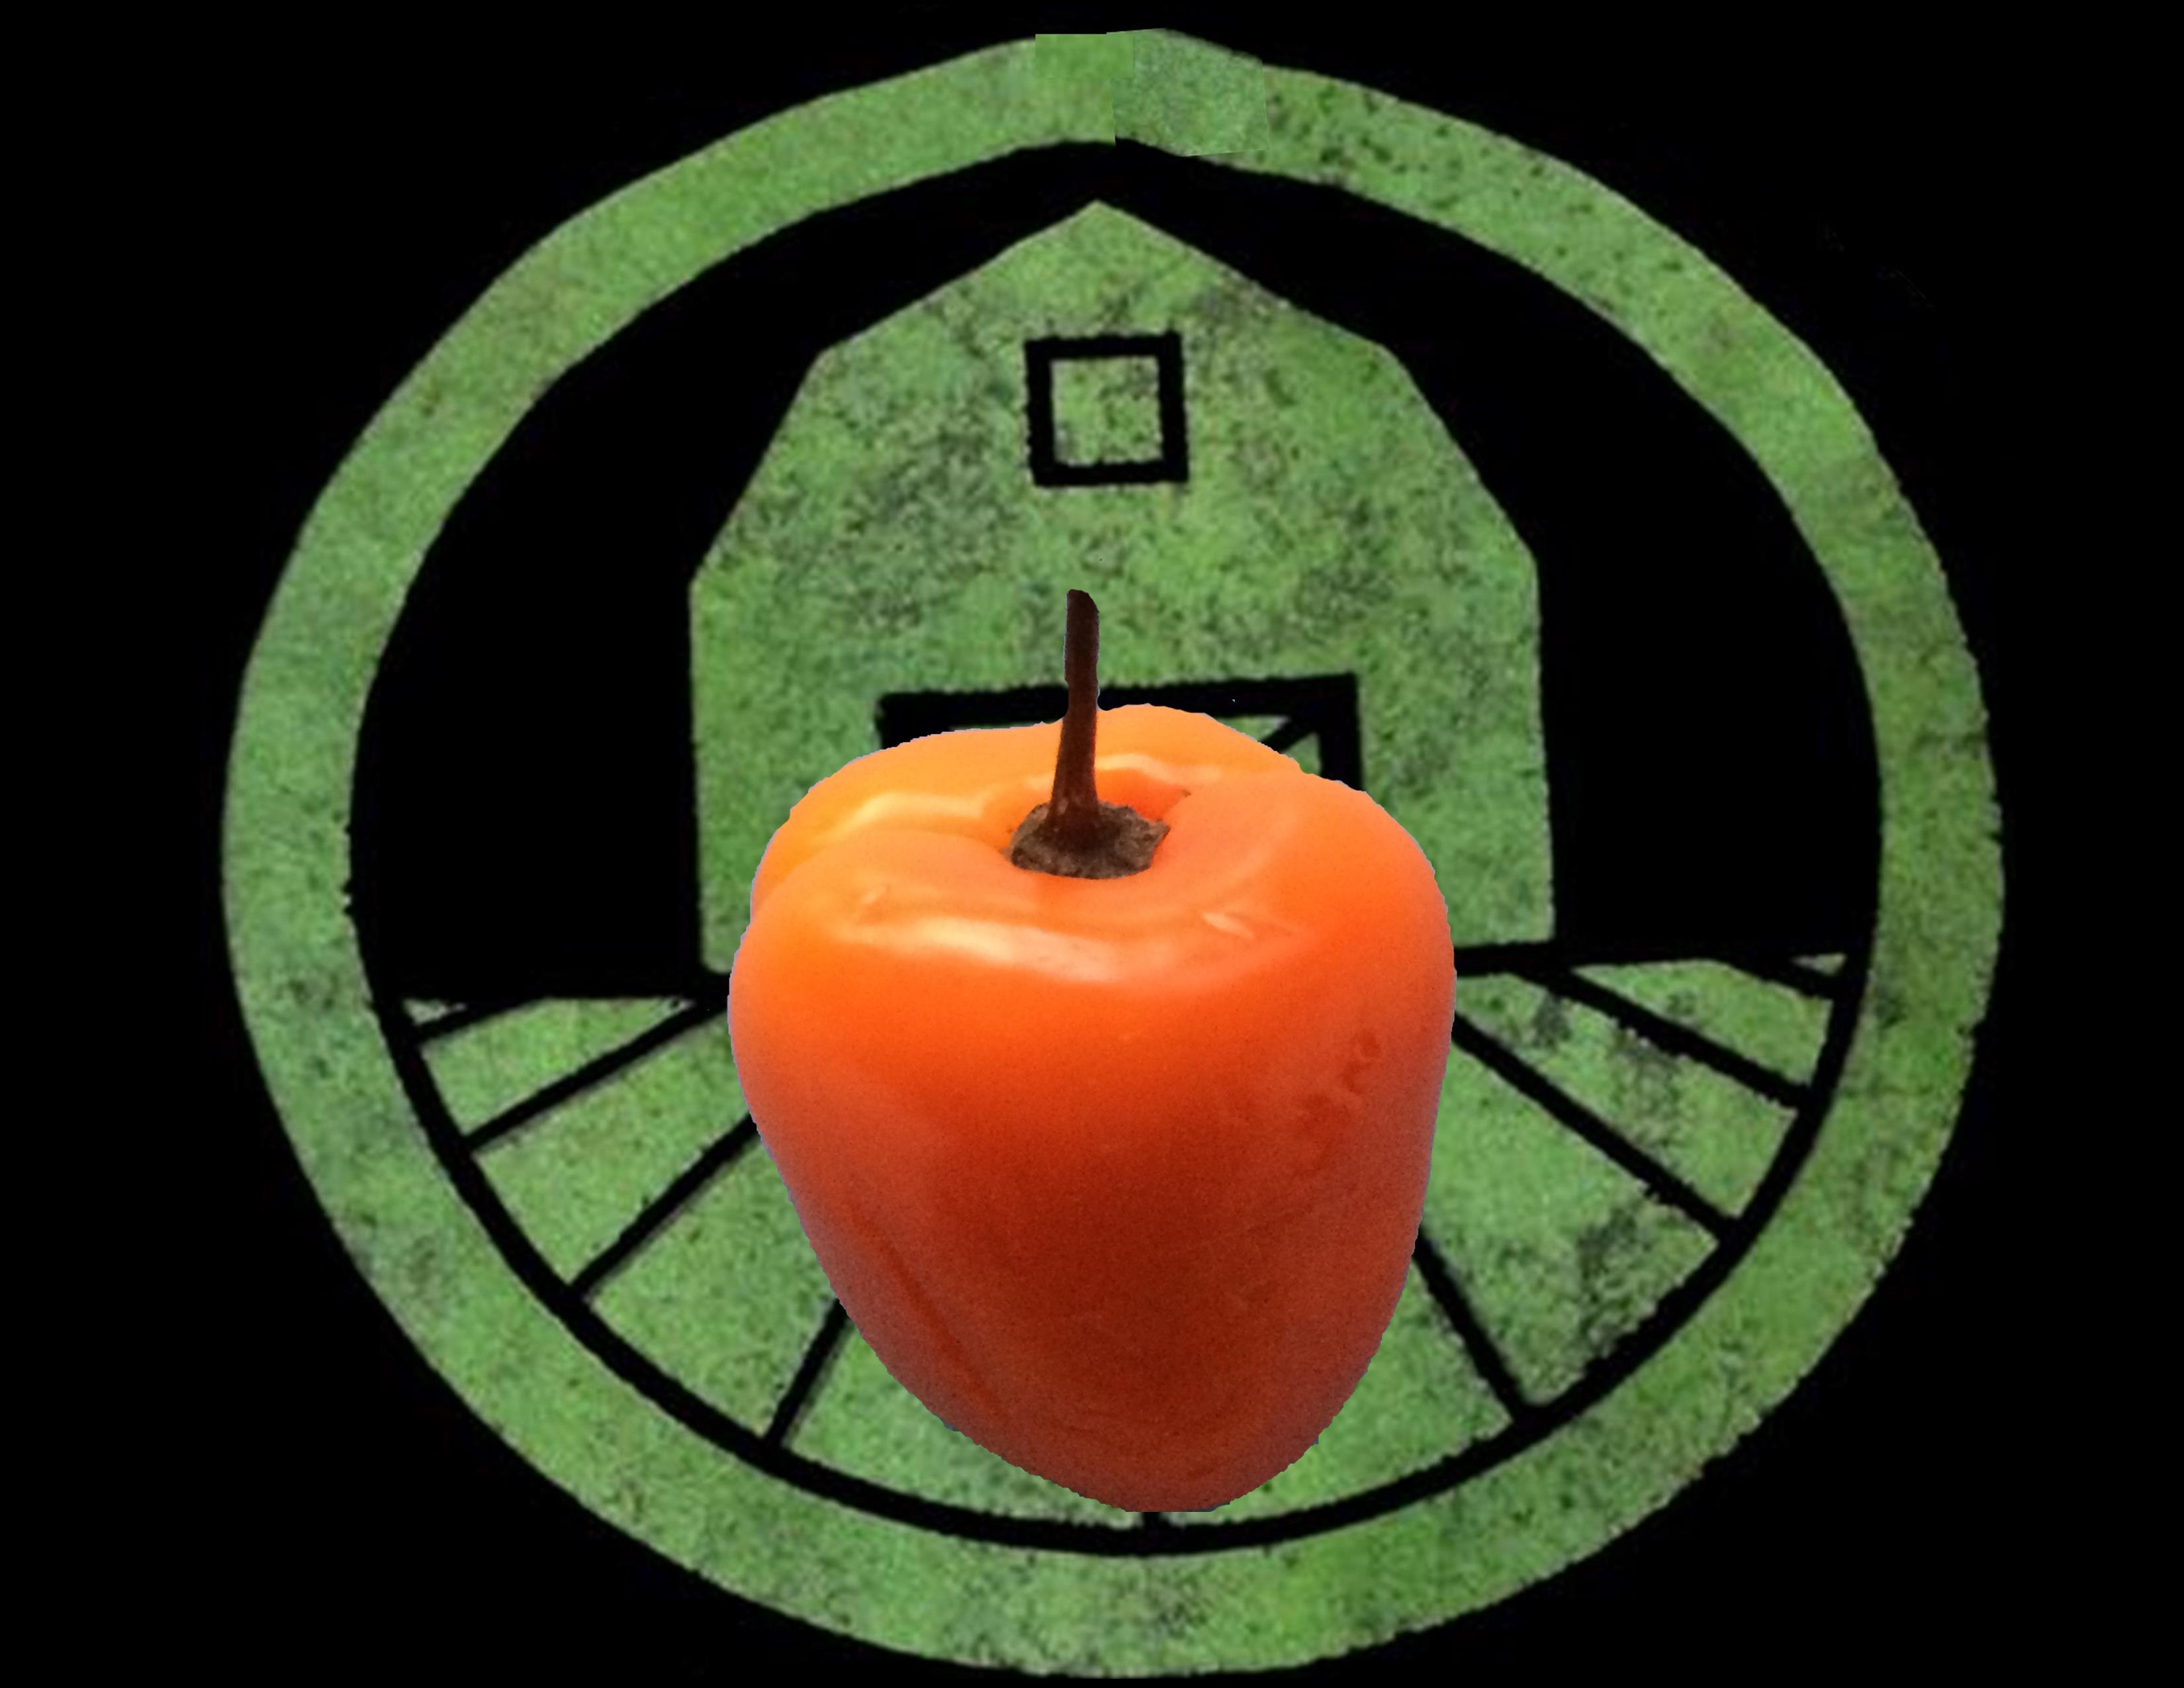 Orange Manzano Rocoto Pepper | Tyler Farms